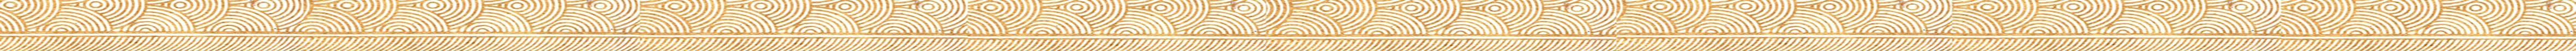 séparation__1_des_textes_web.jpg